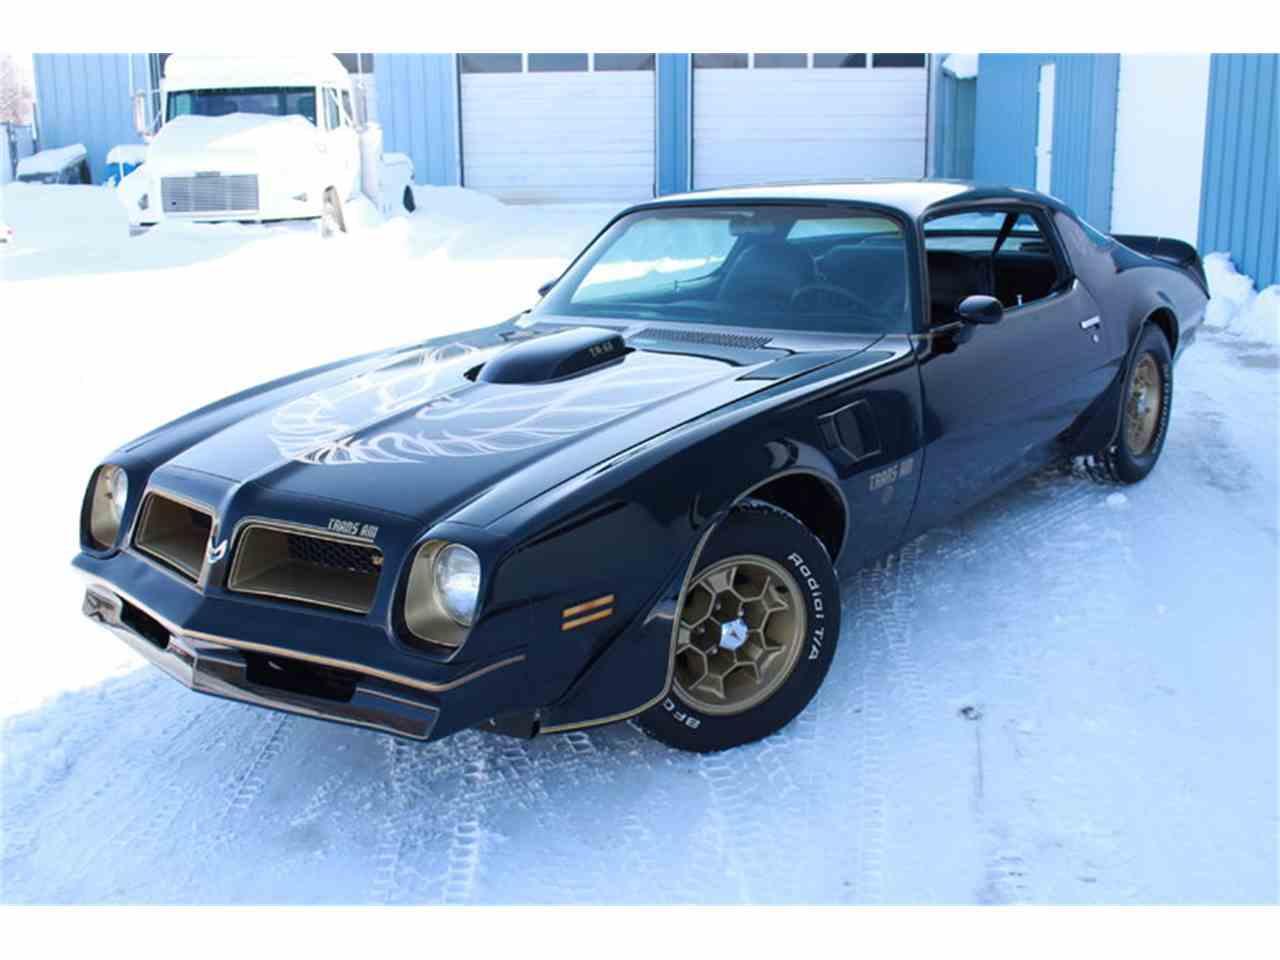 Car Show In Vernal Utah